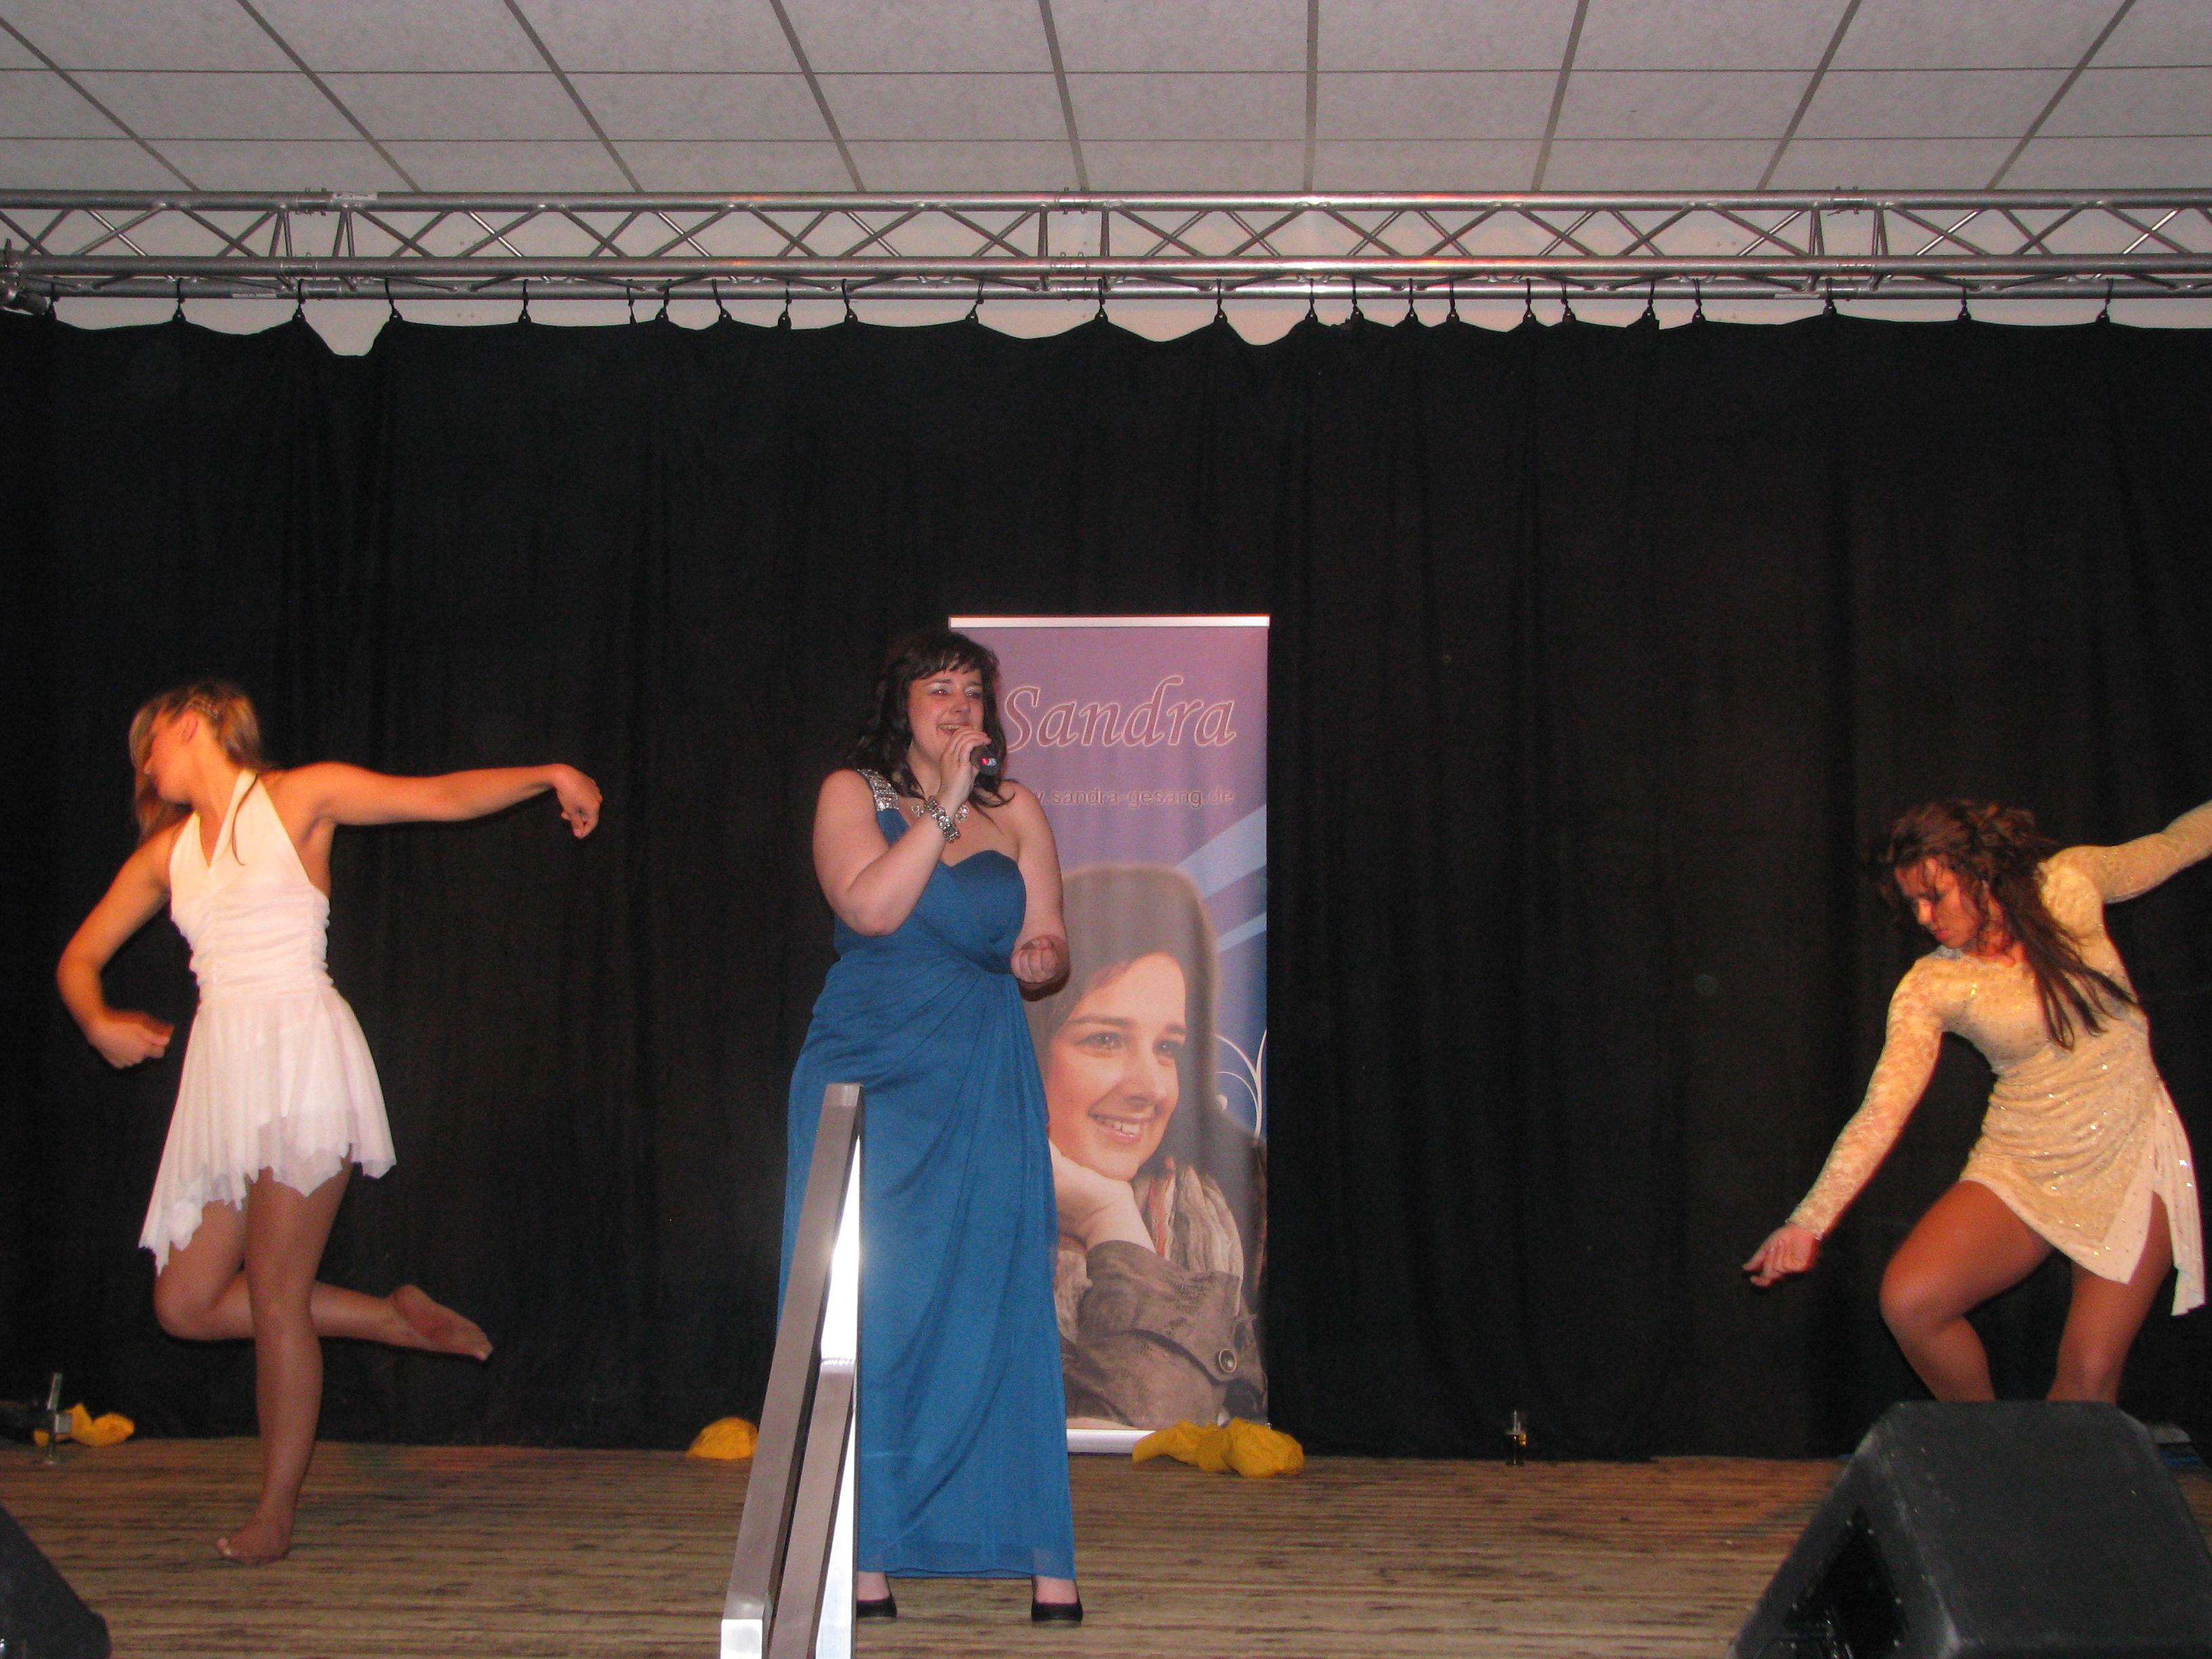 Die CD-Präsentation in 2013 war echt schön mit ein buntes Programm. Sandra trat sogar mit einer Tanzgruppe auf! Bild: Gilbert Dauven